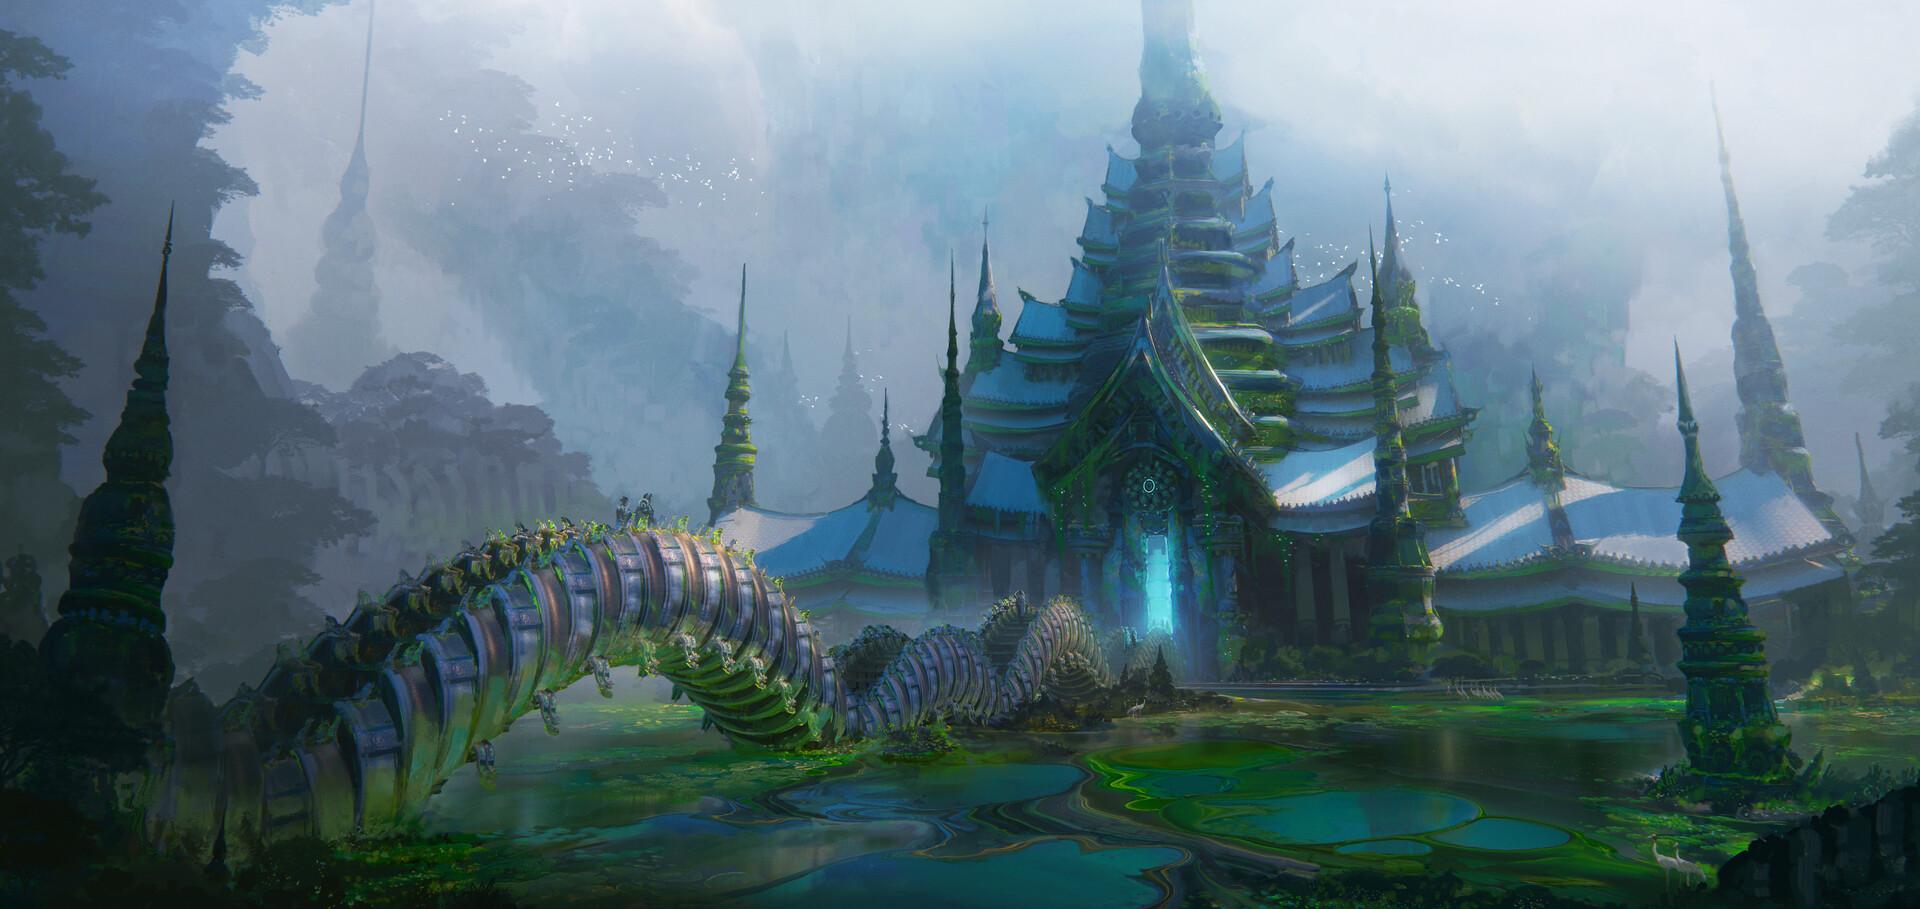 Leon tukker thai temple highresas